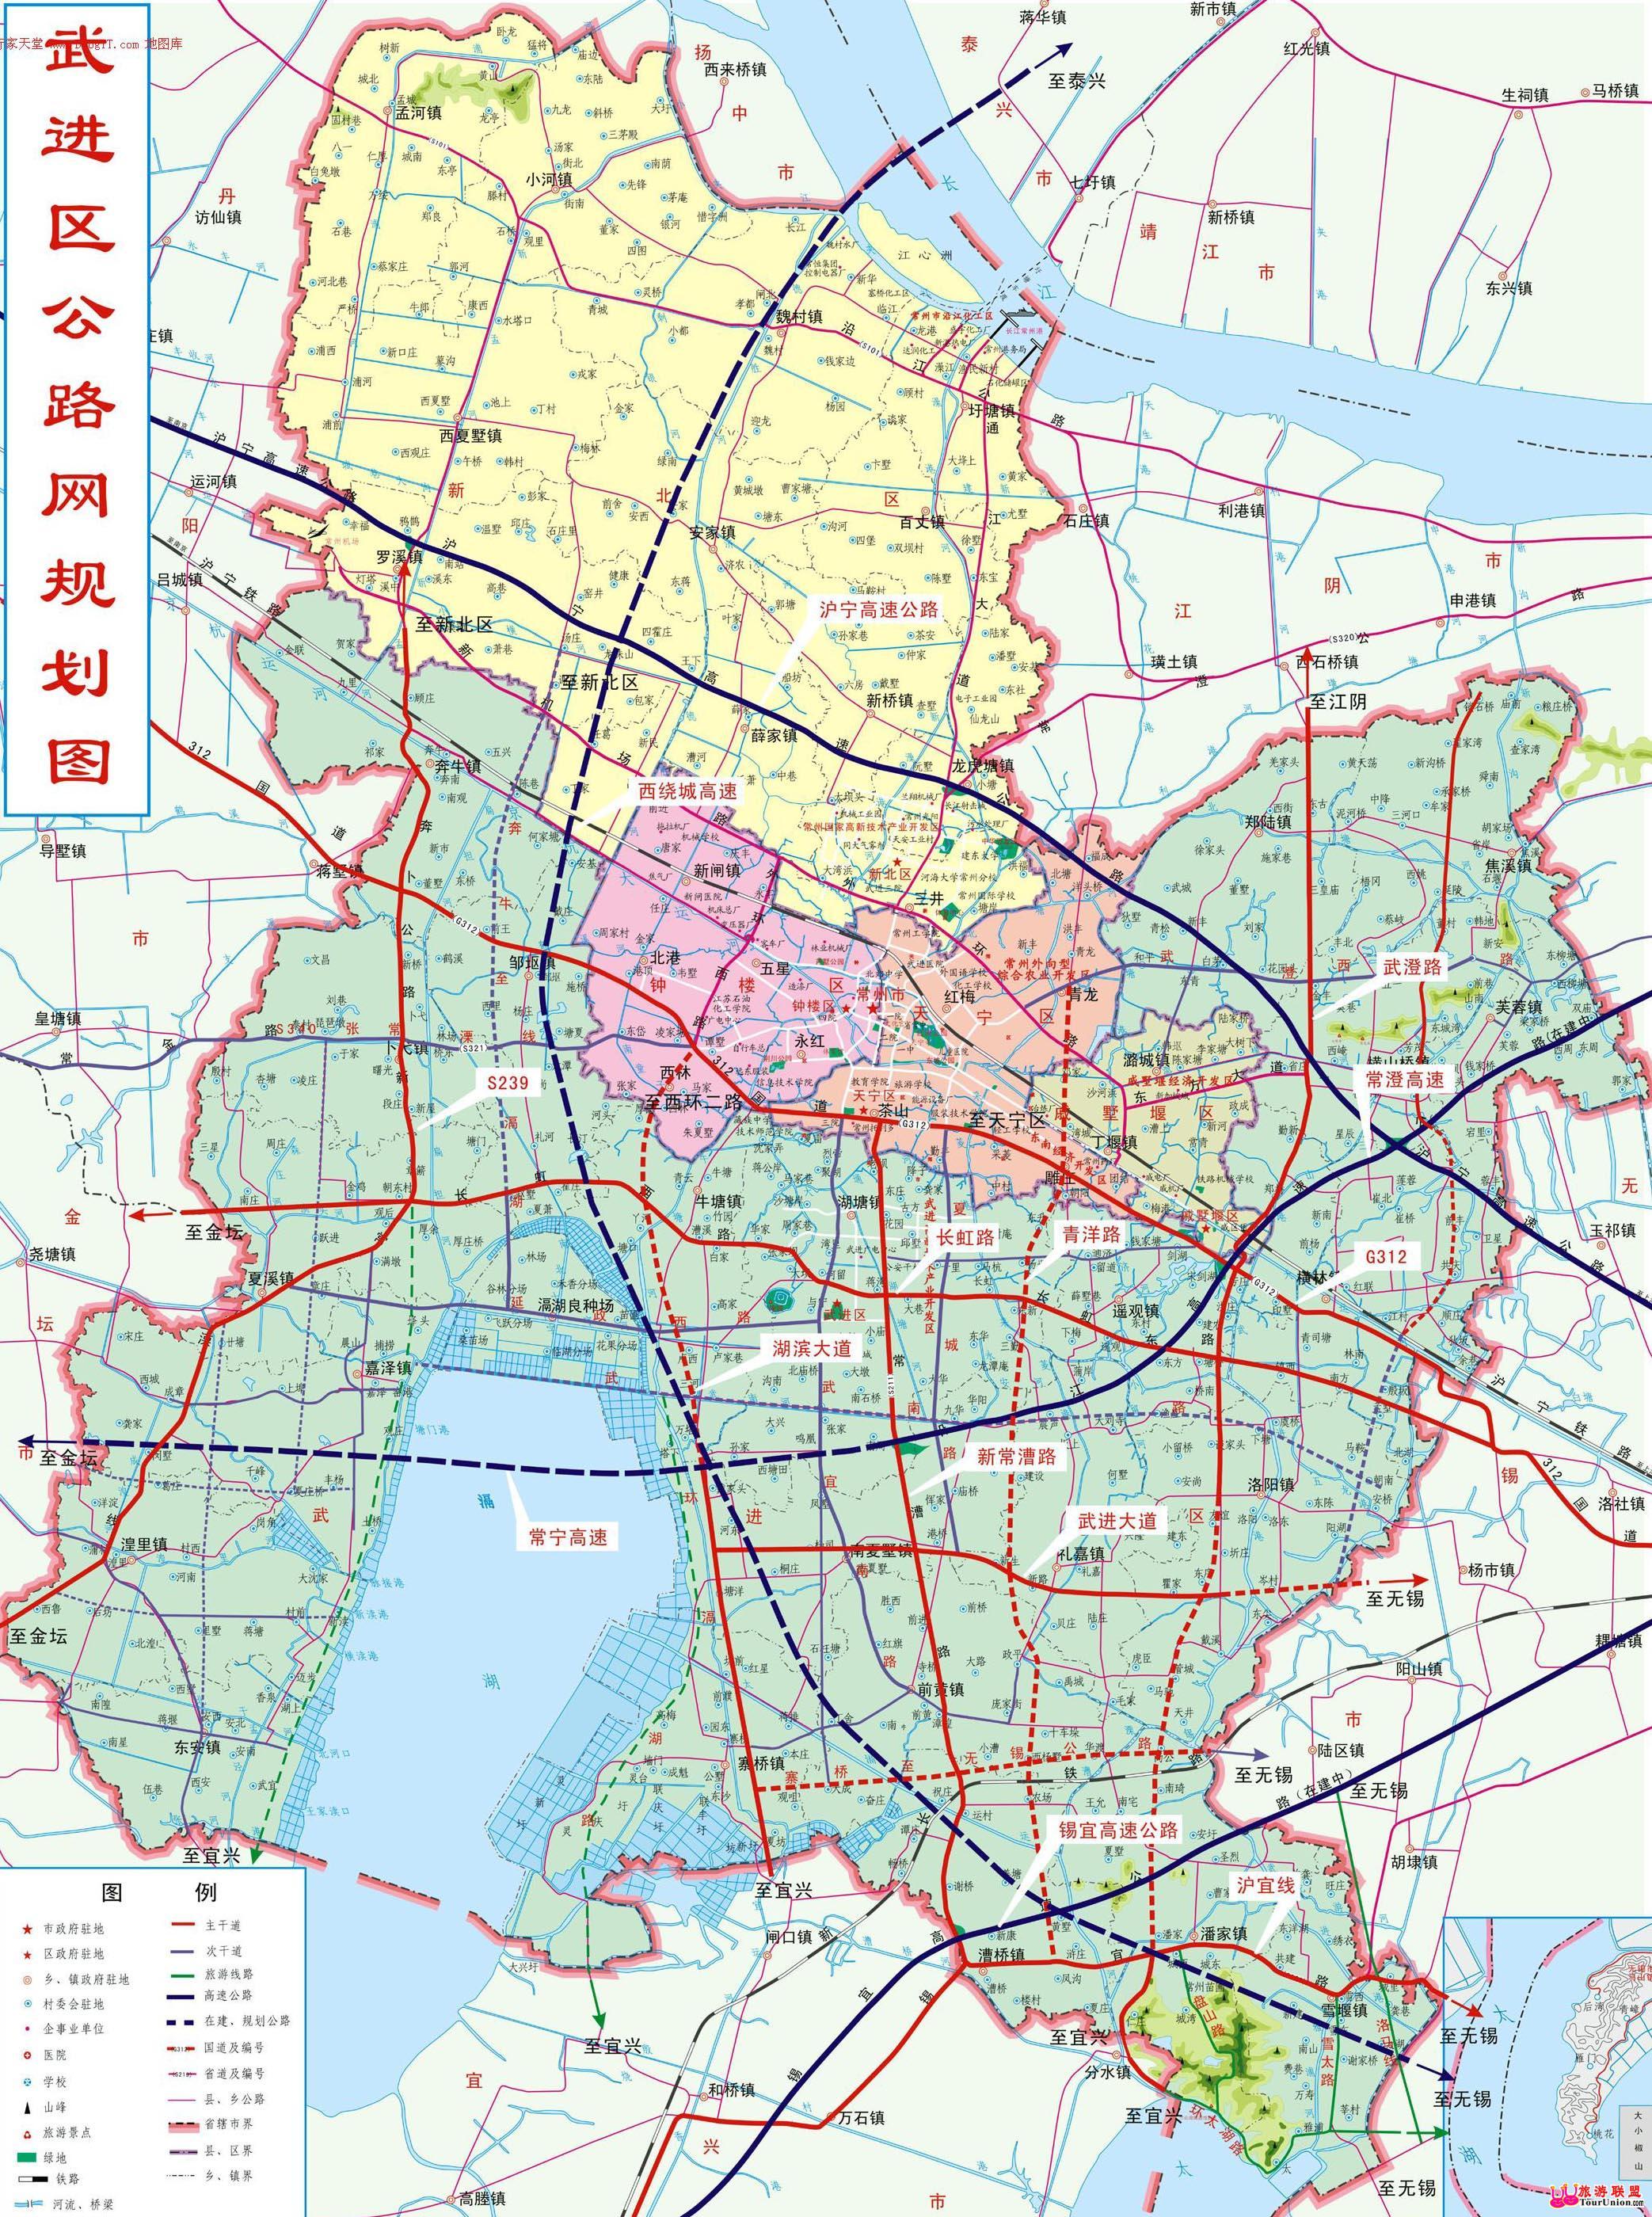 武进市卫星地图-武进市市、县、村地图浏览